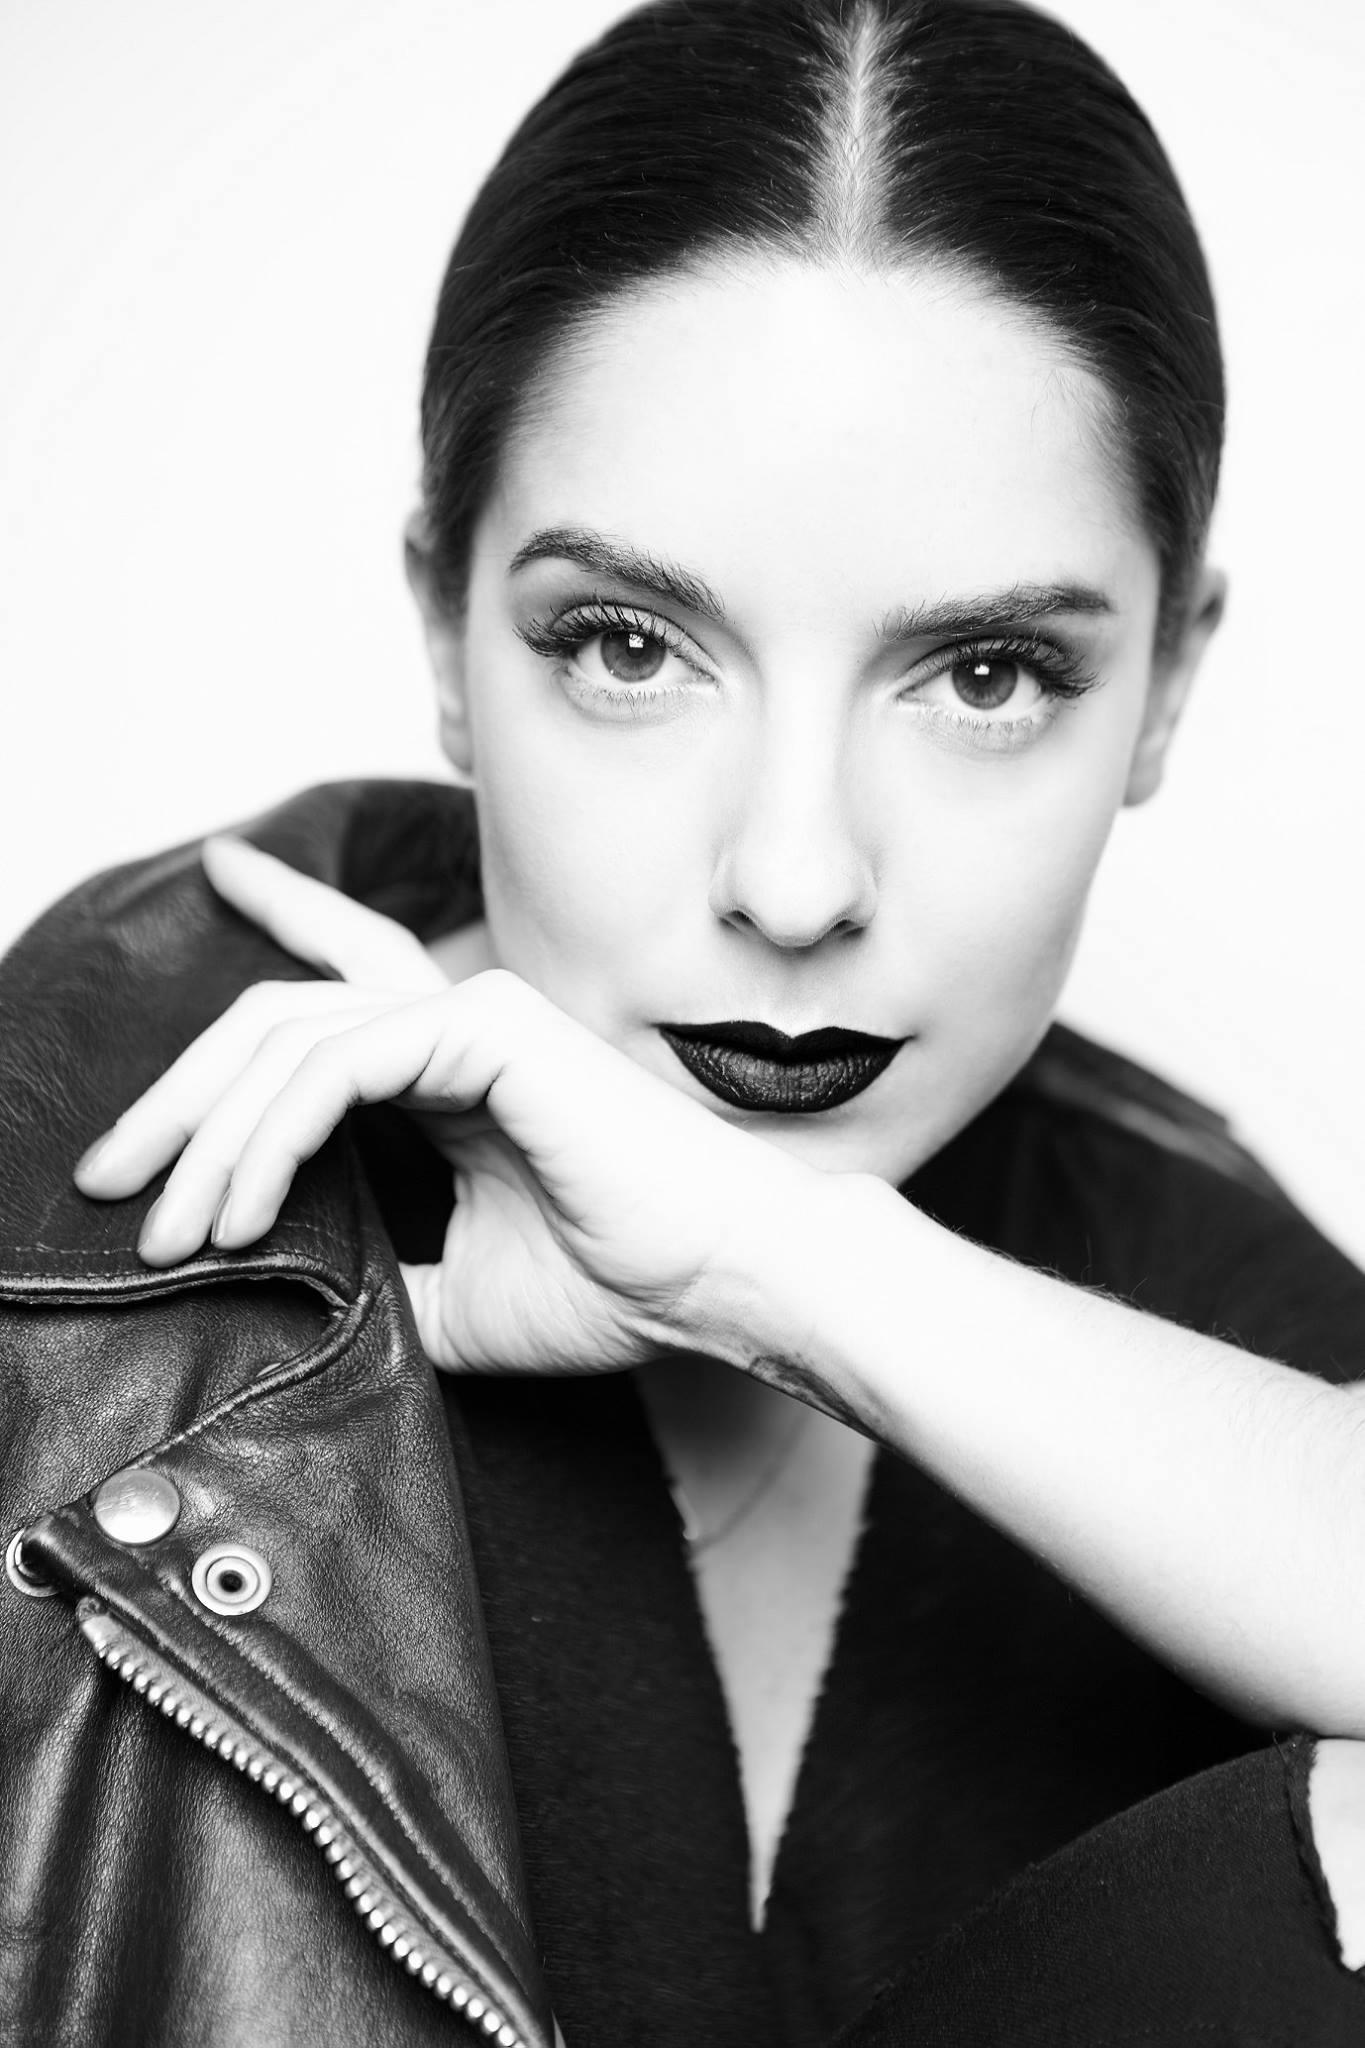 jezz hill makeup artist.jpg